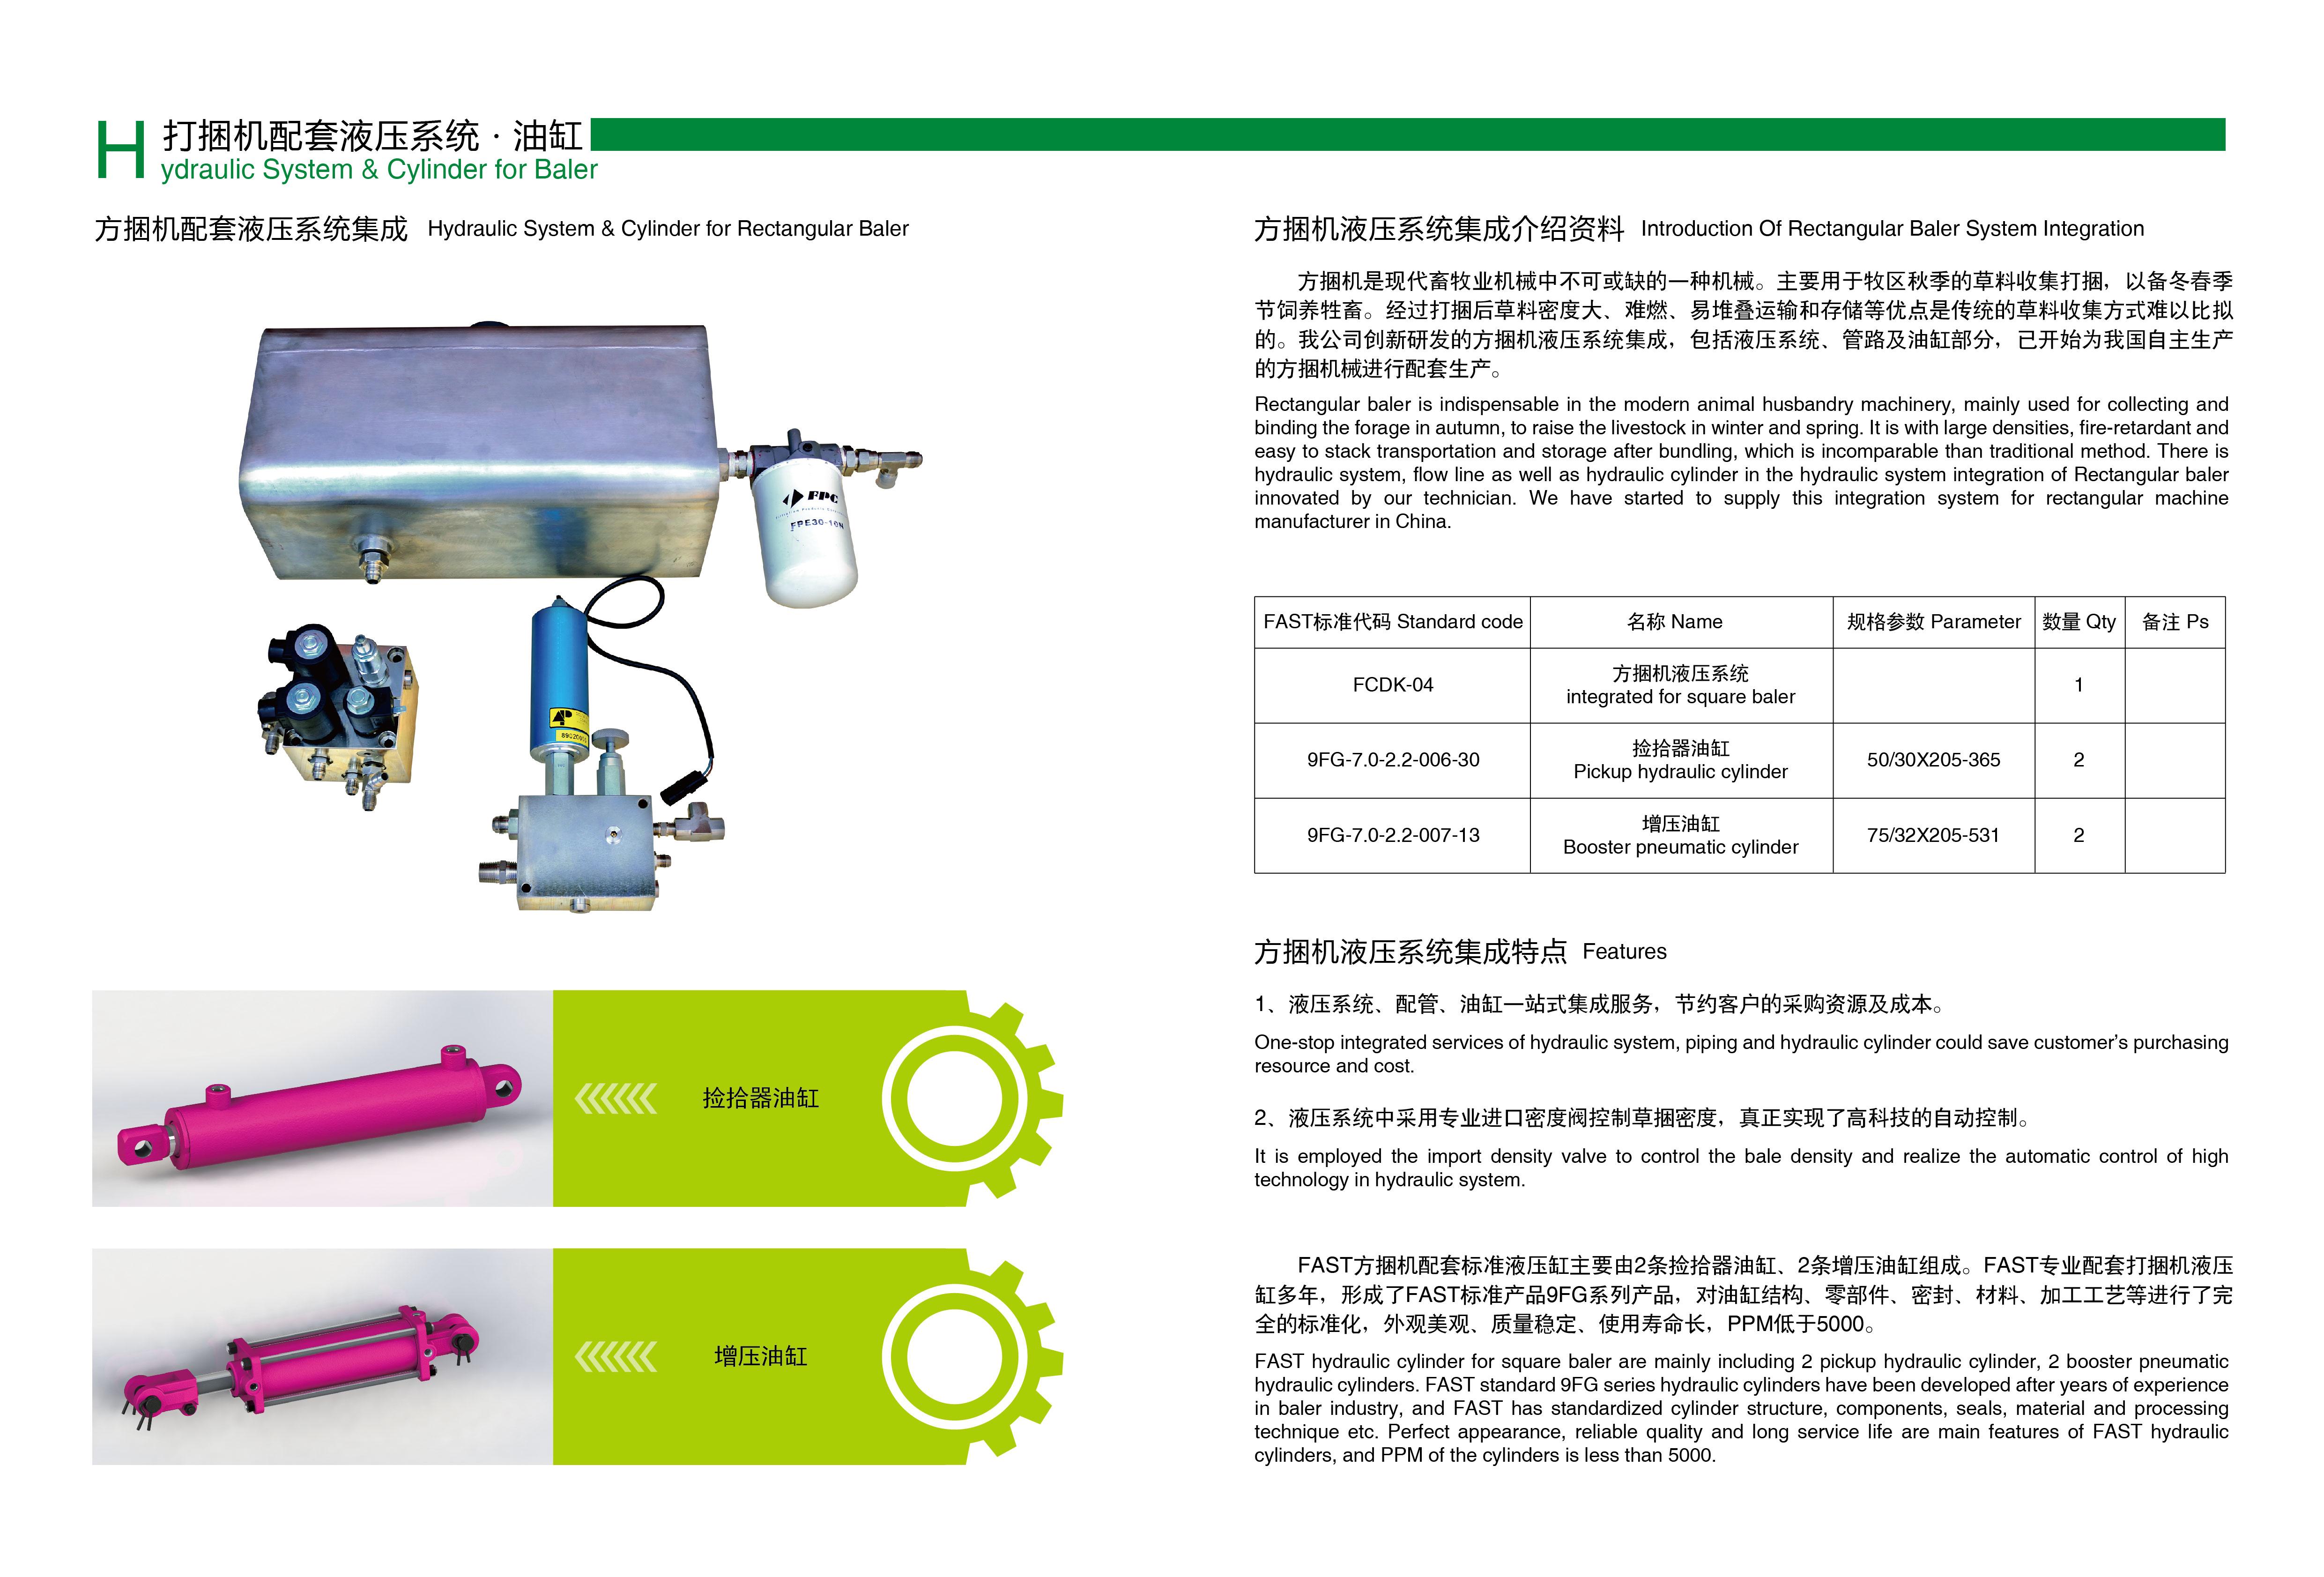 煙臺液壓系統